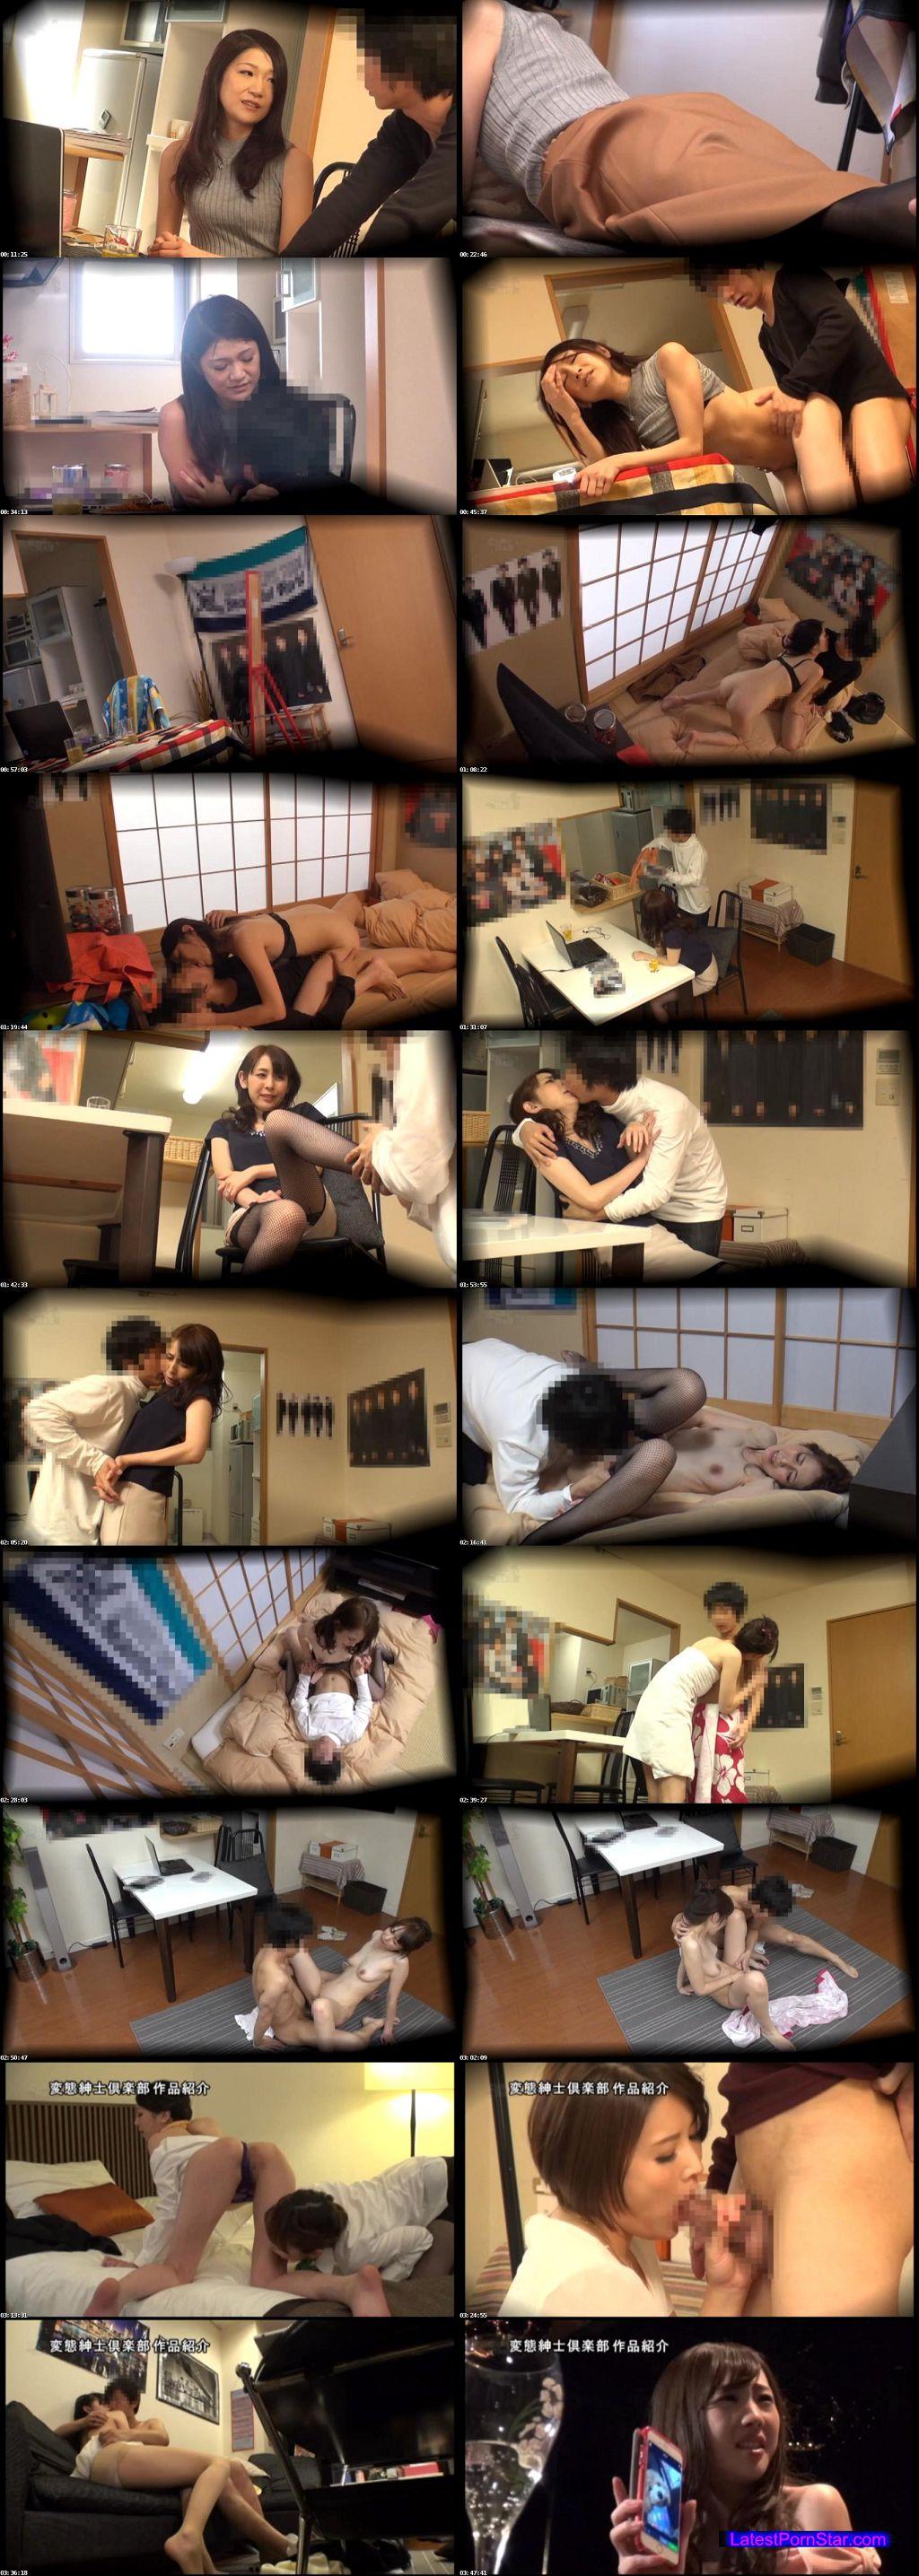 [CLUB-305] 完全盗撮 同じアパートに住む美人妻2人と仲良くなって部屋に連れ込んでめちゃくちゃセックスした件。其の四